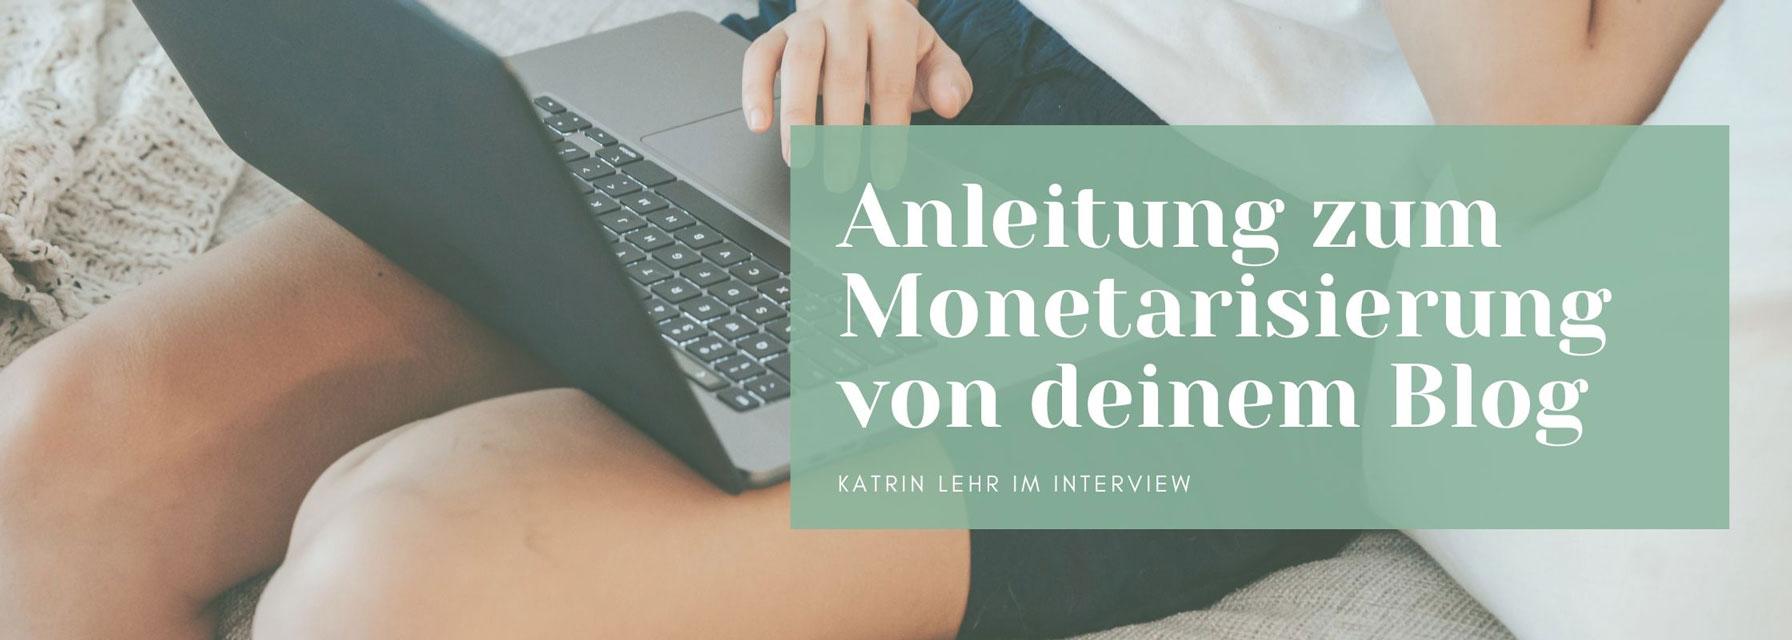 monetarisierung